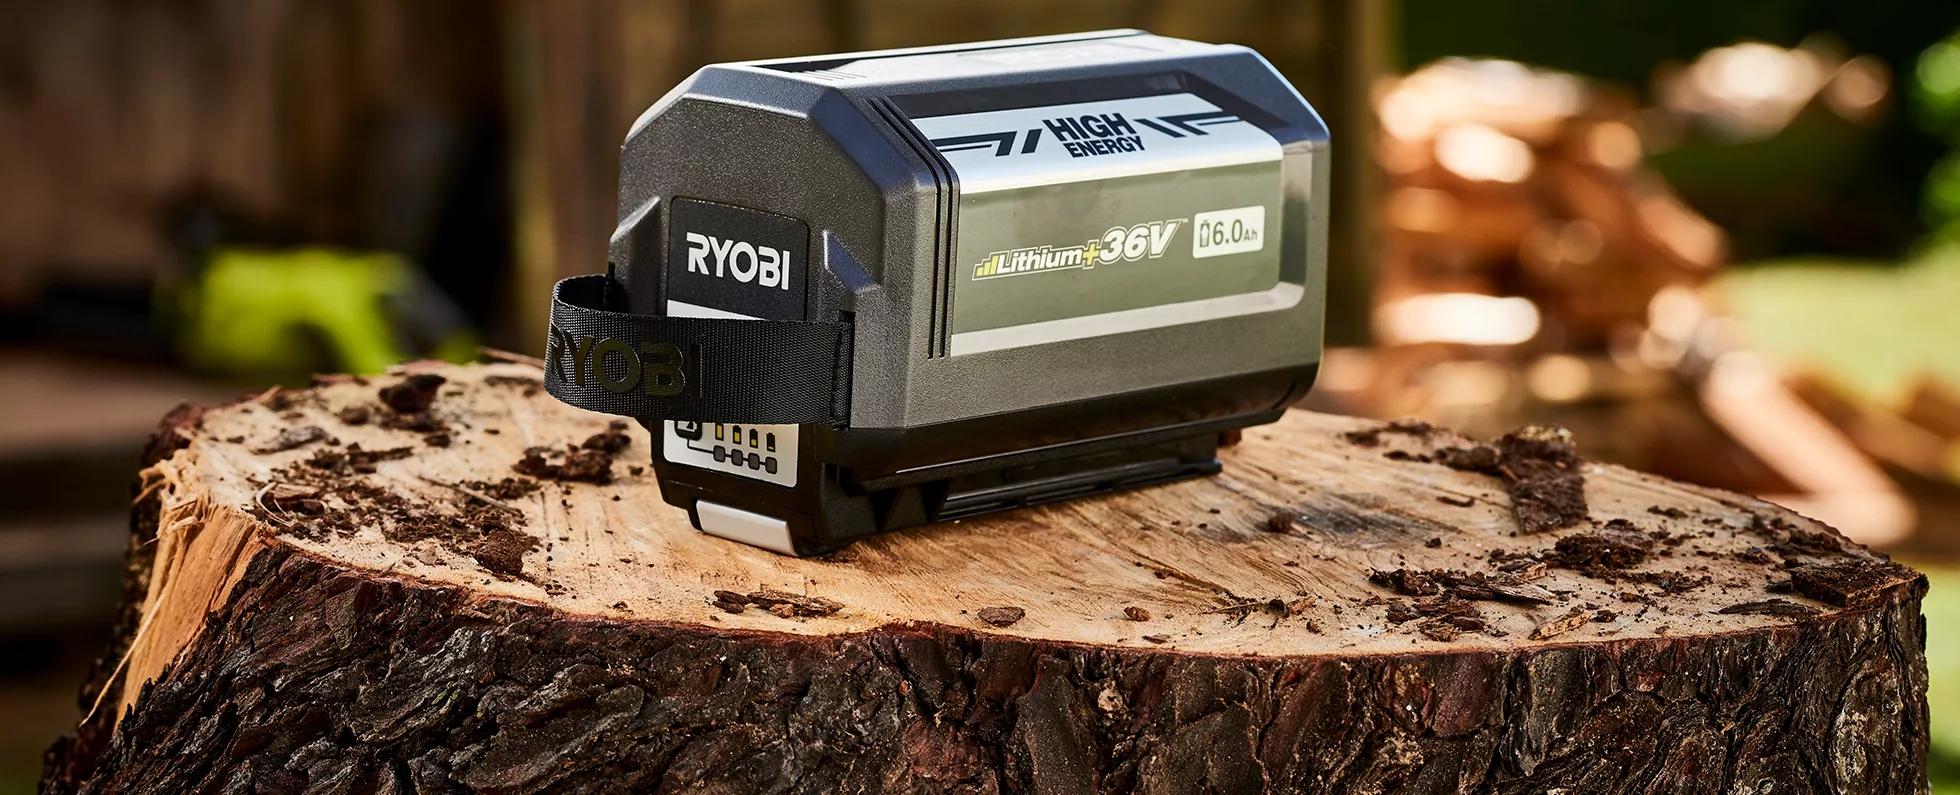 Ryobi MAX POWER 36V System